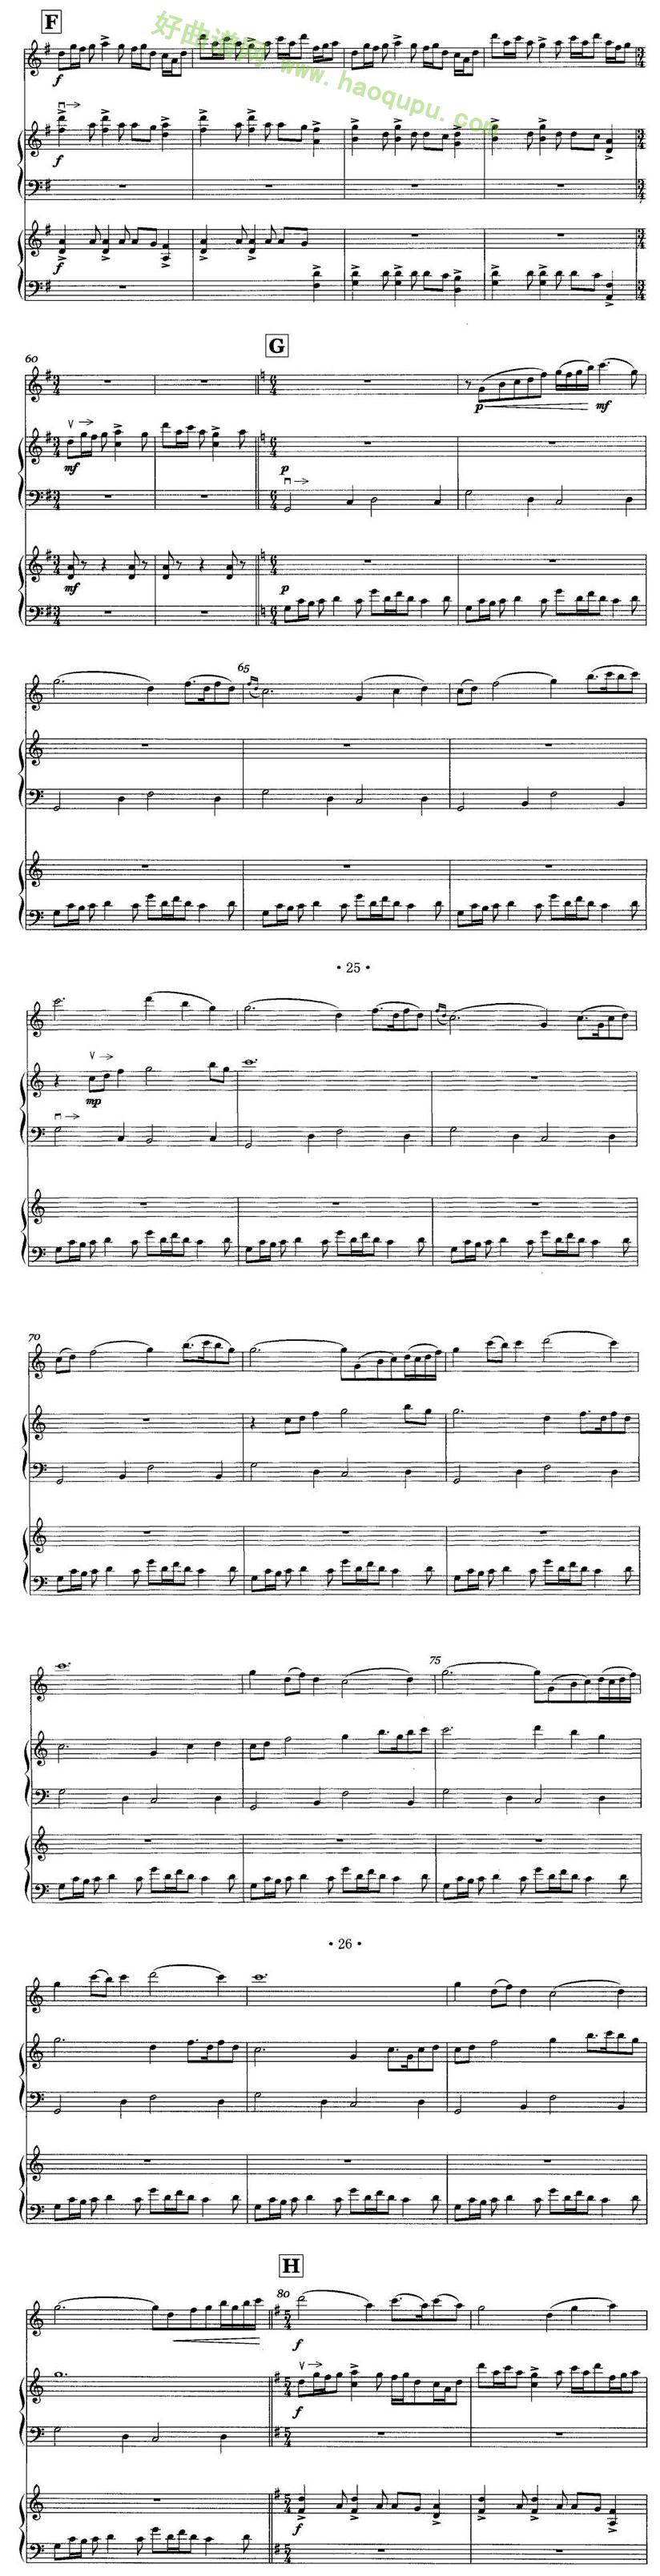 《幻想曲》(为二胡与两架扬琴而作)二胡曲谱第3张